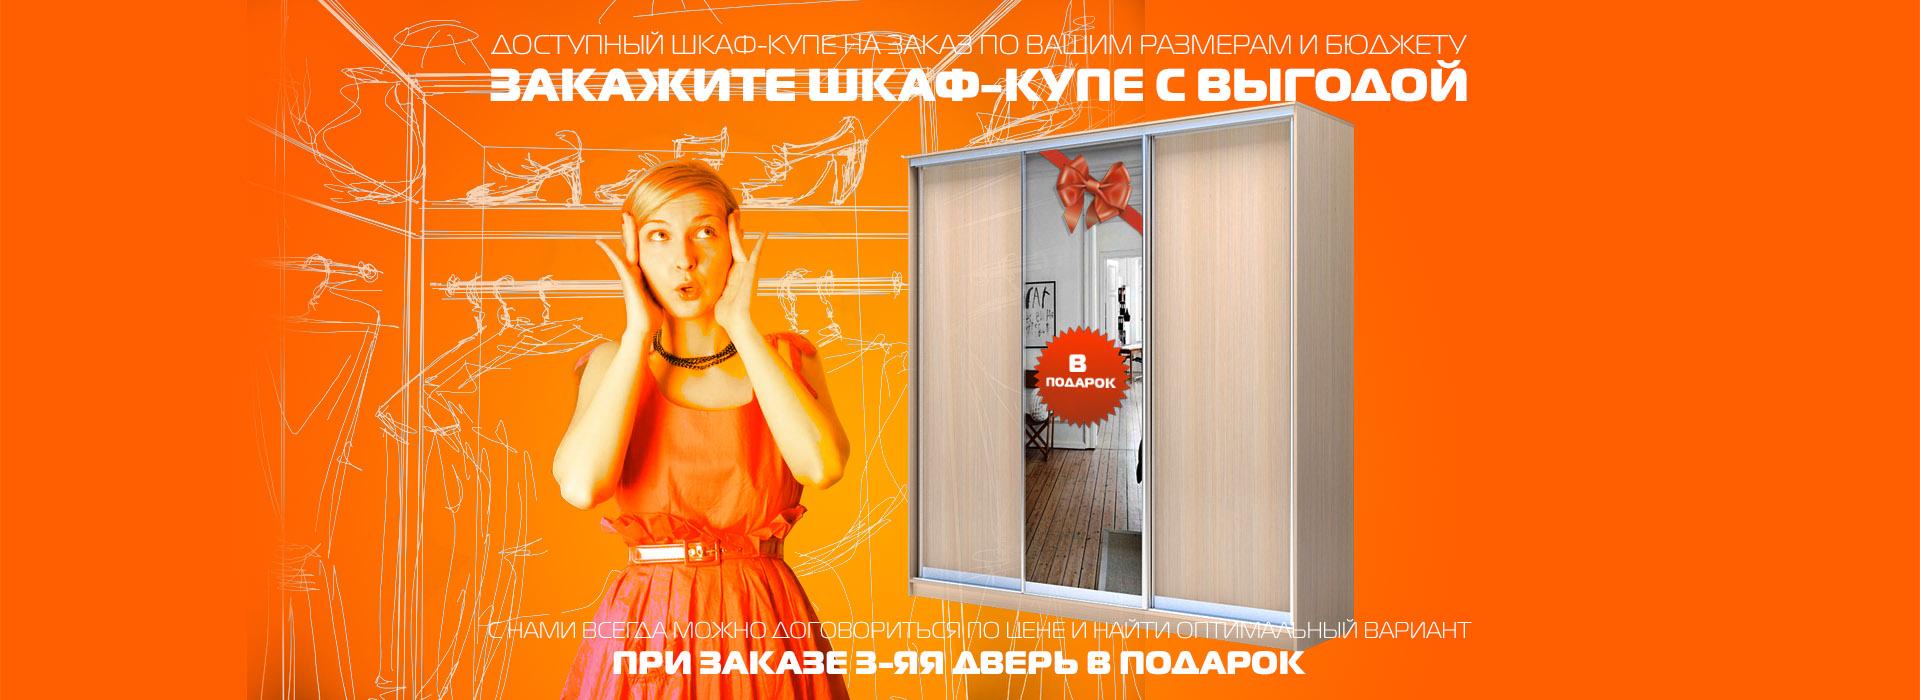 banner-shkaf04